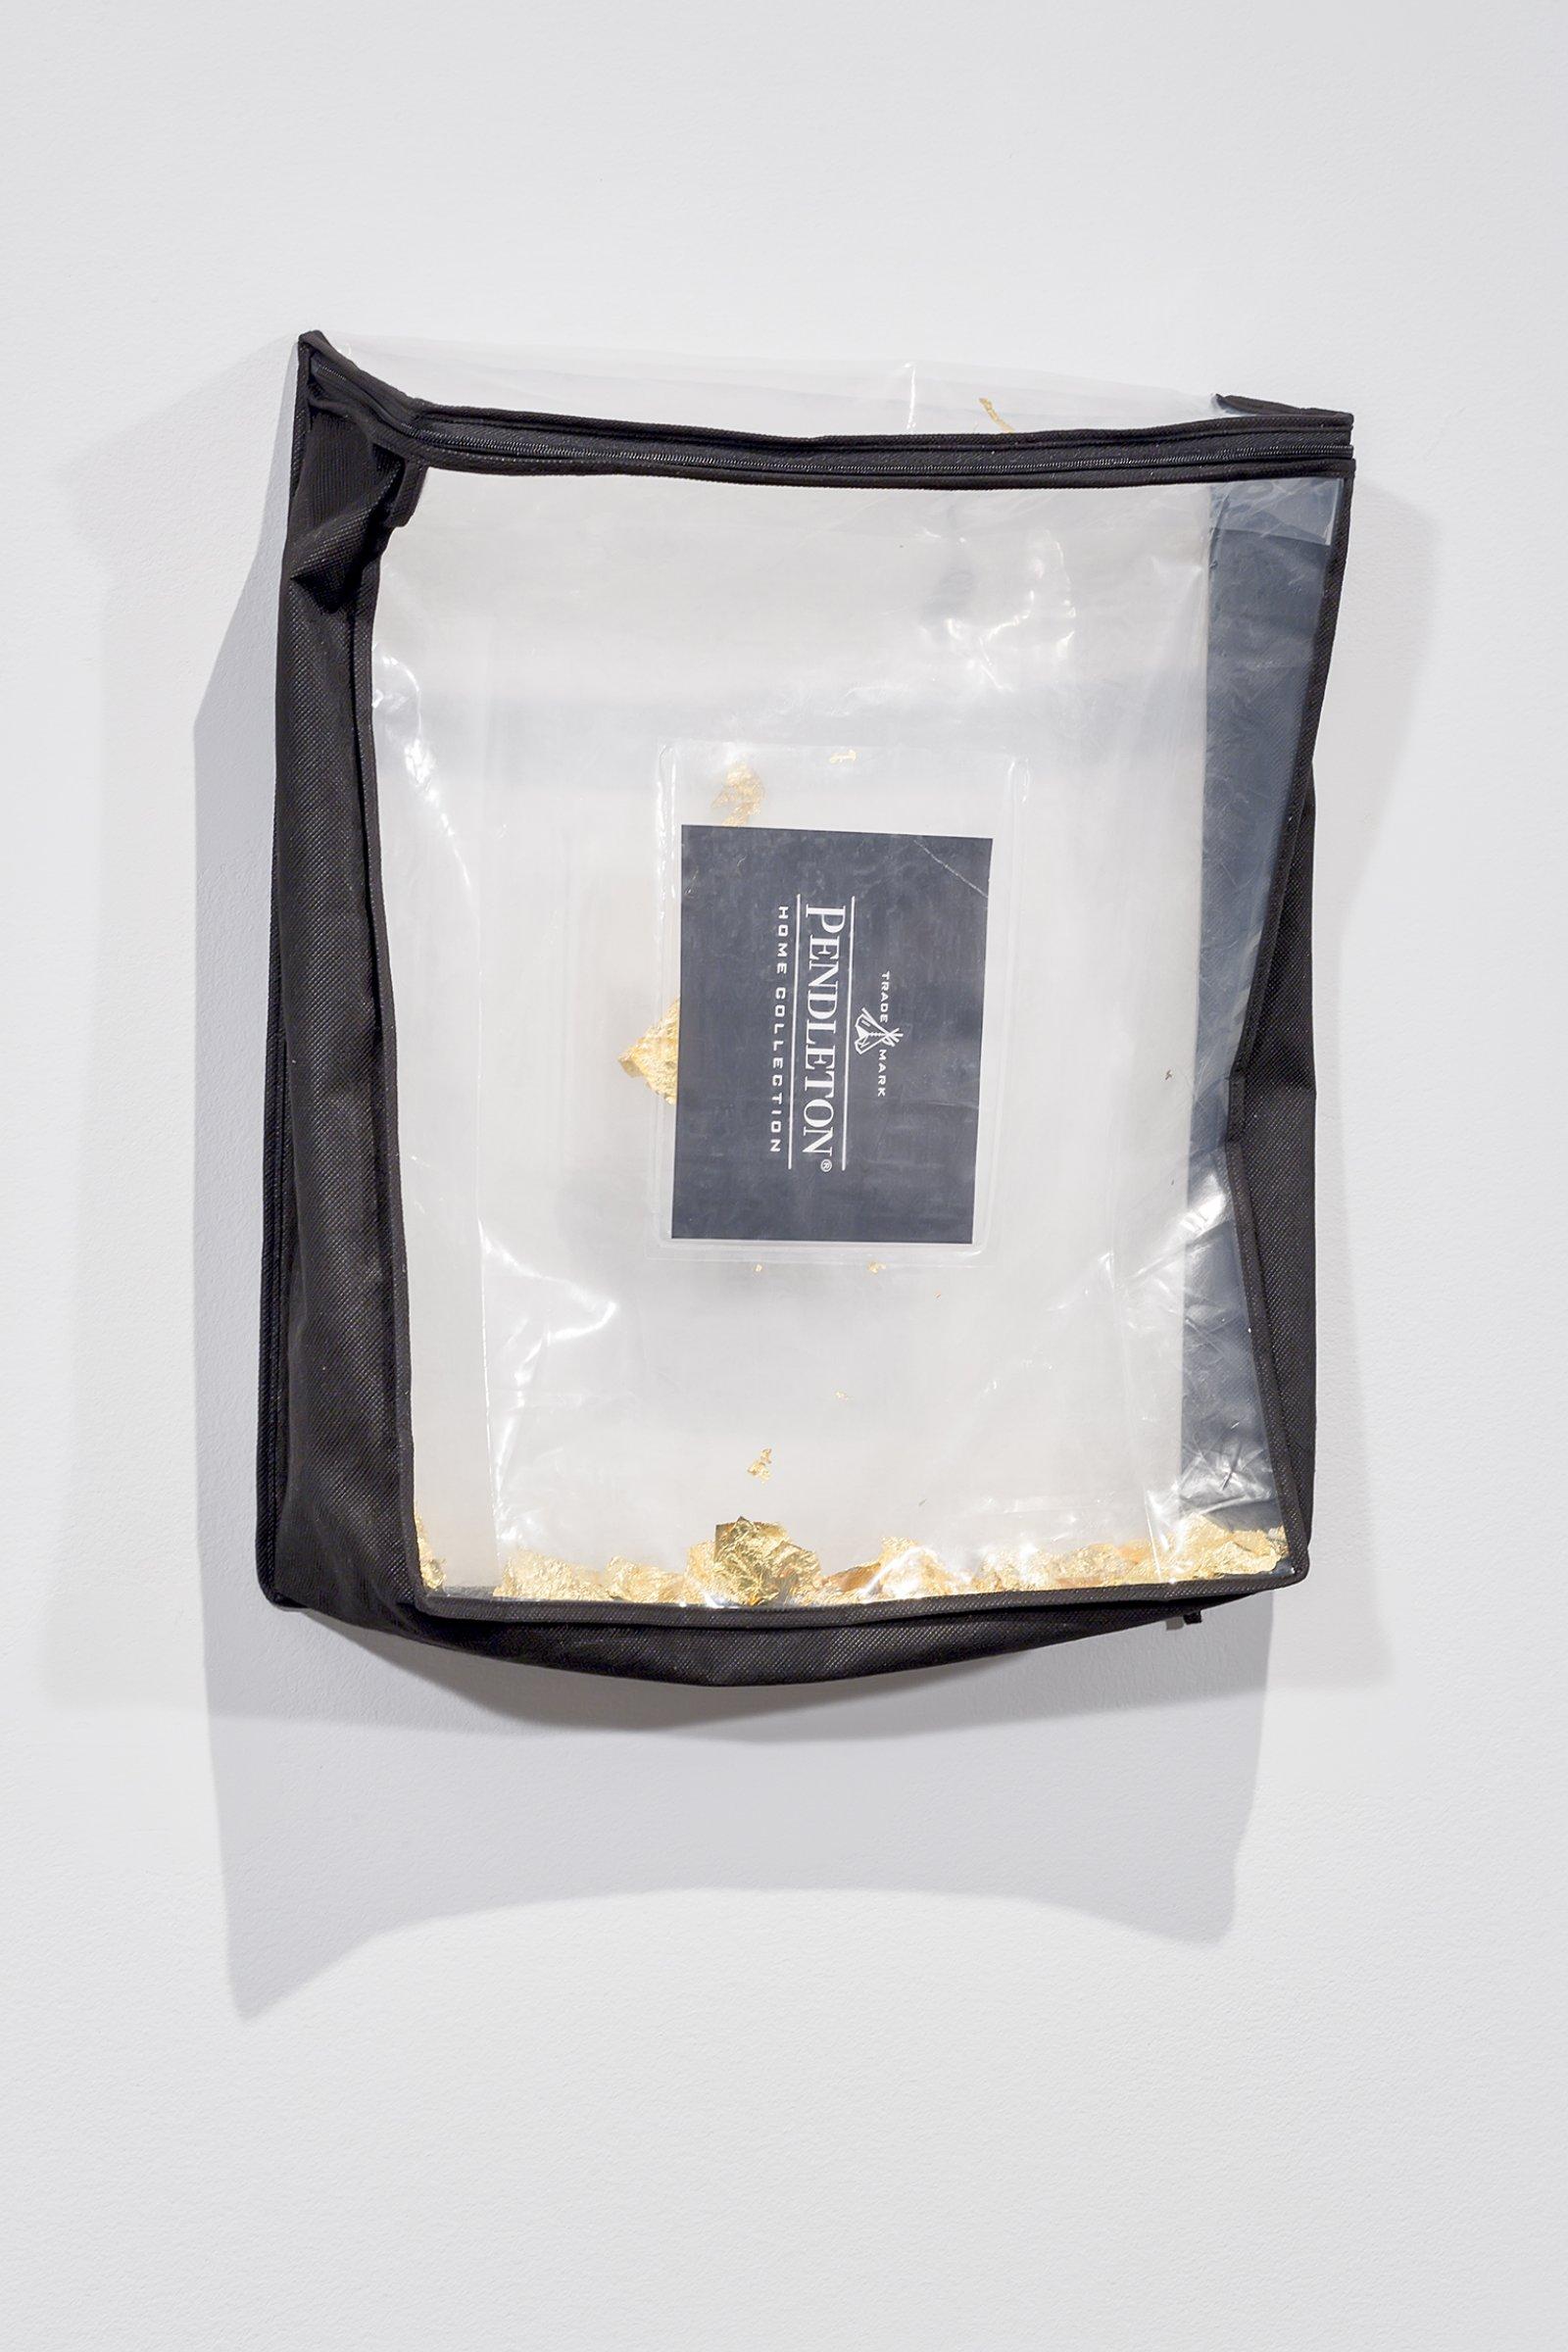 Duane Linklater,Trademark, 2016, gold leaf, plastic bag, dimensions variable